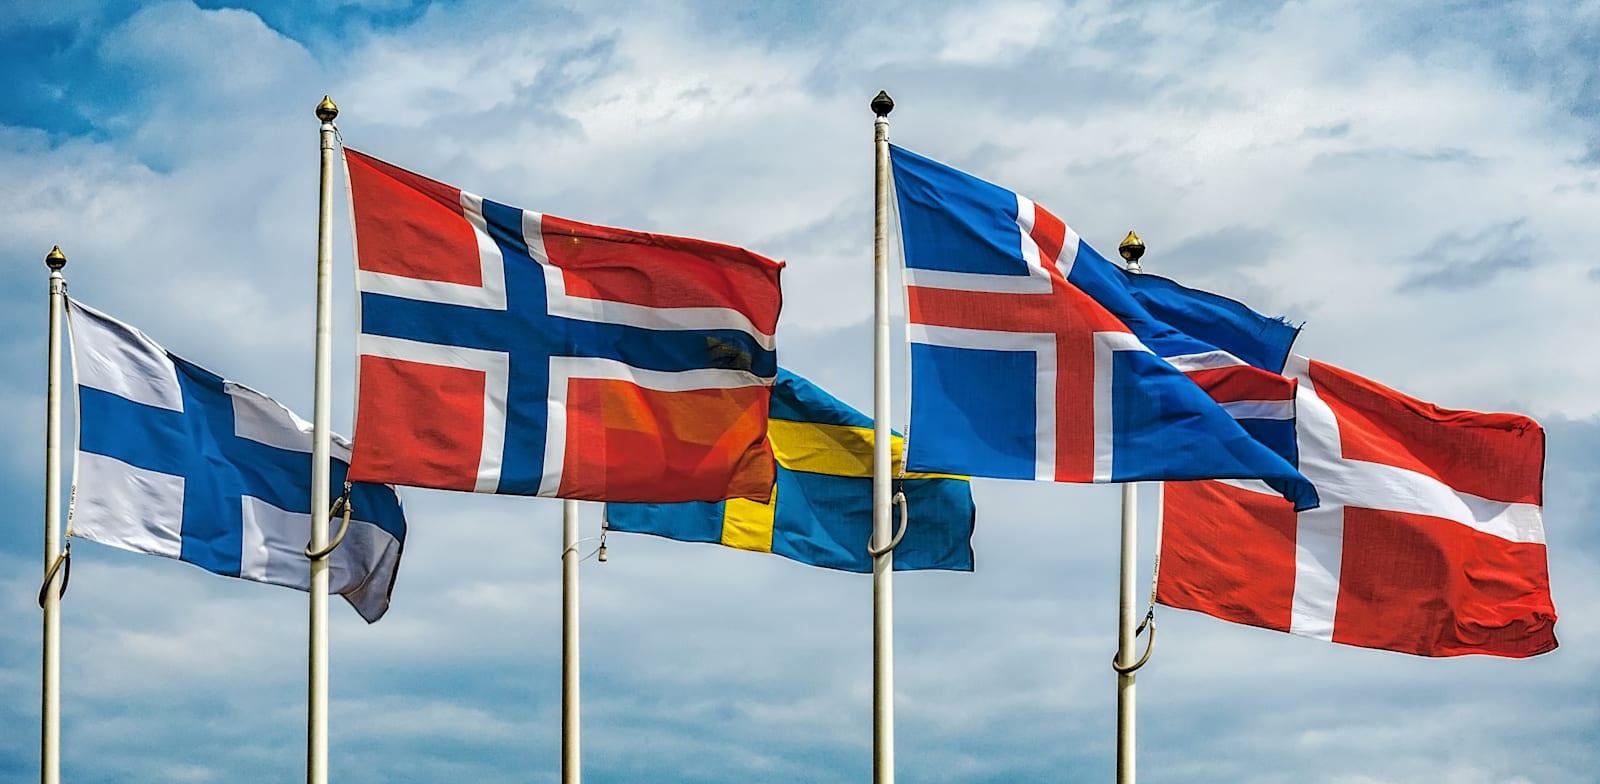 אפילו מדינות מסוימות באסיה מביעות במודל הנורדי לאחרונה עניין רב / צילום: Shutterstock, Antony McAulay